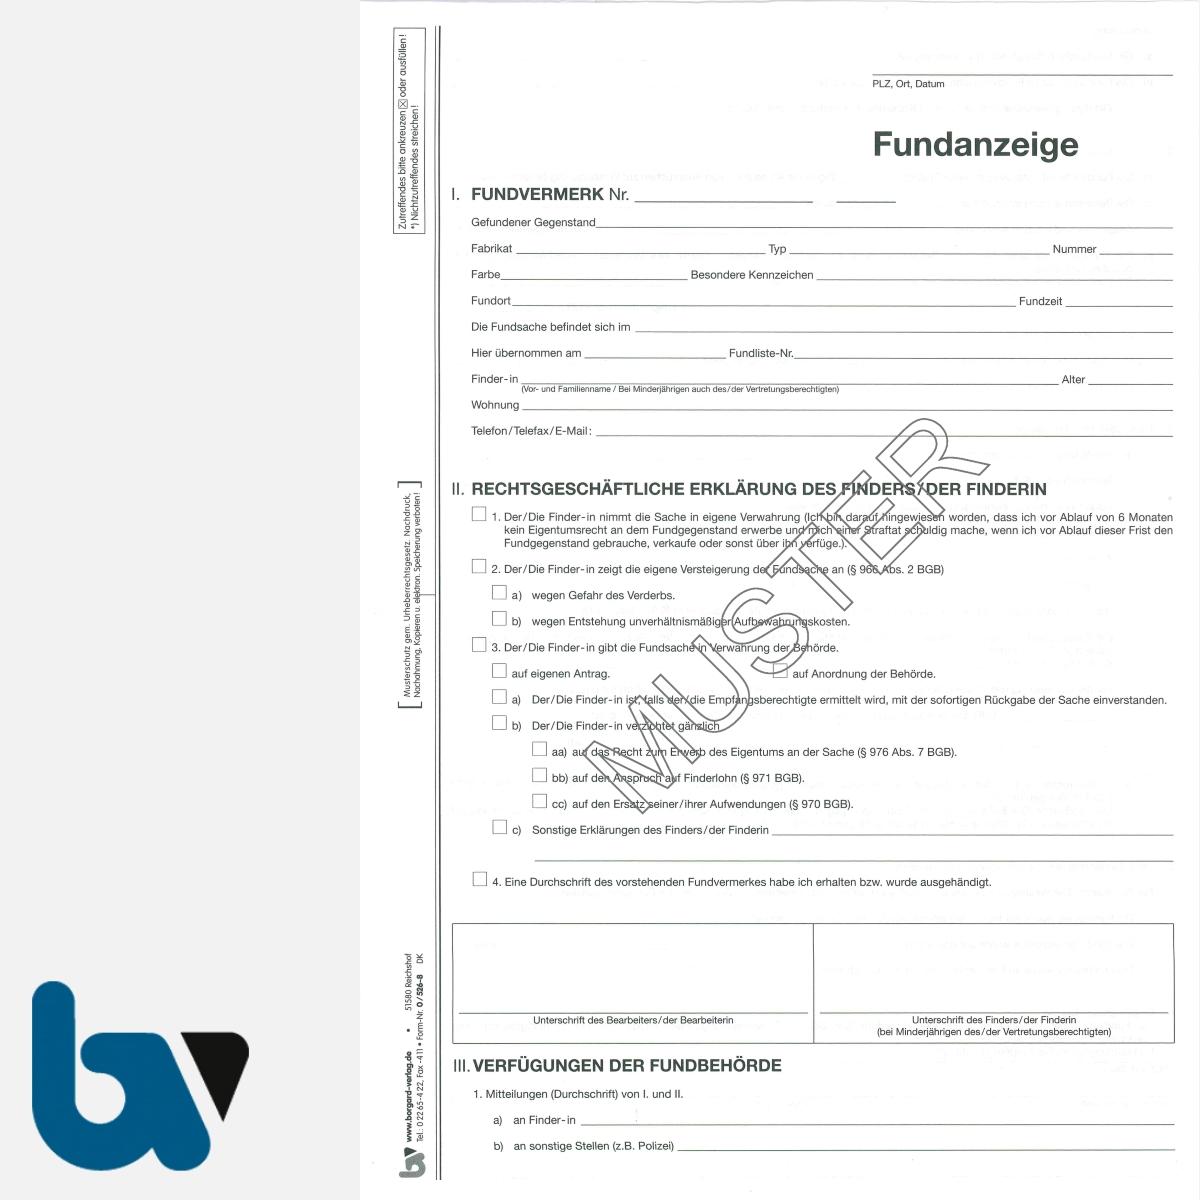 0/526-8 Fundanzeige Fundsache Erklärung Finder mit fundanhänger 4-fach selbstdurchschreibend DIN A4 Seite 1 | Borgard Verlag GmbH